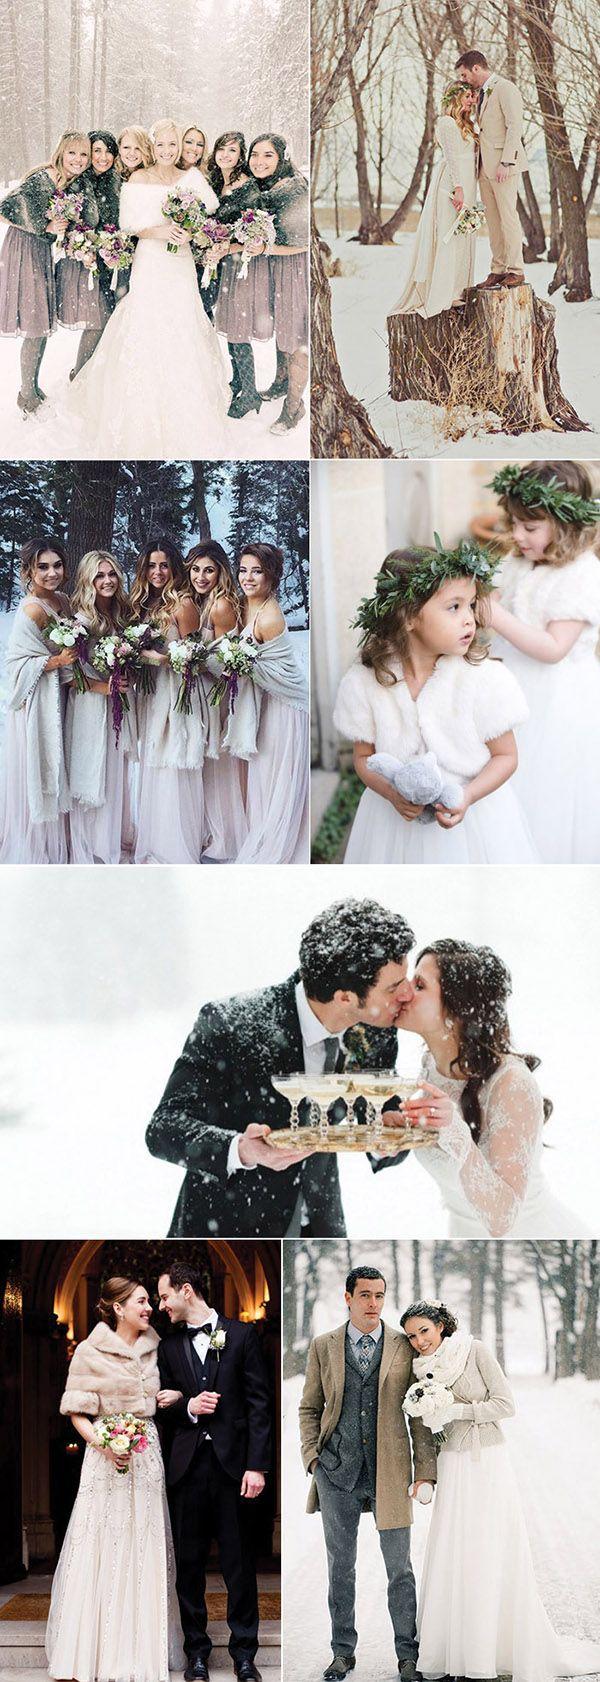 50 Brilliant Winter Wedding Ideas You'll Love